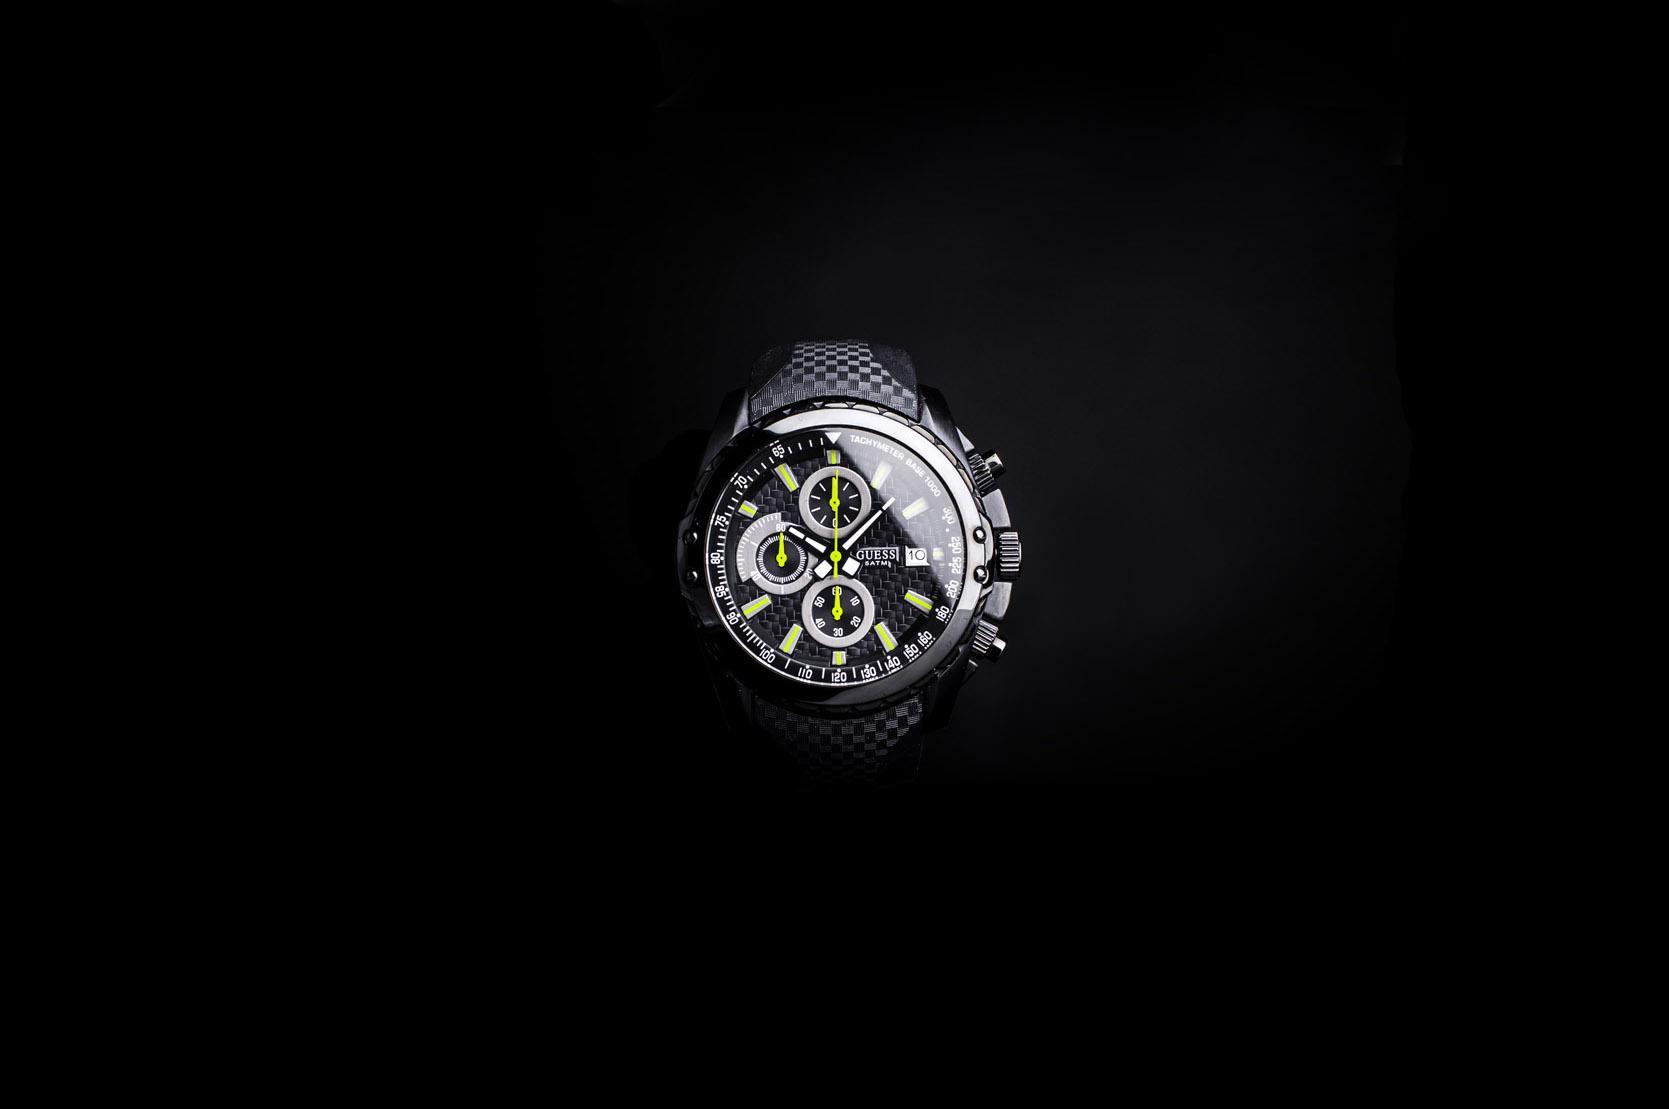 Zdjęcie reklamowe zegarka